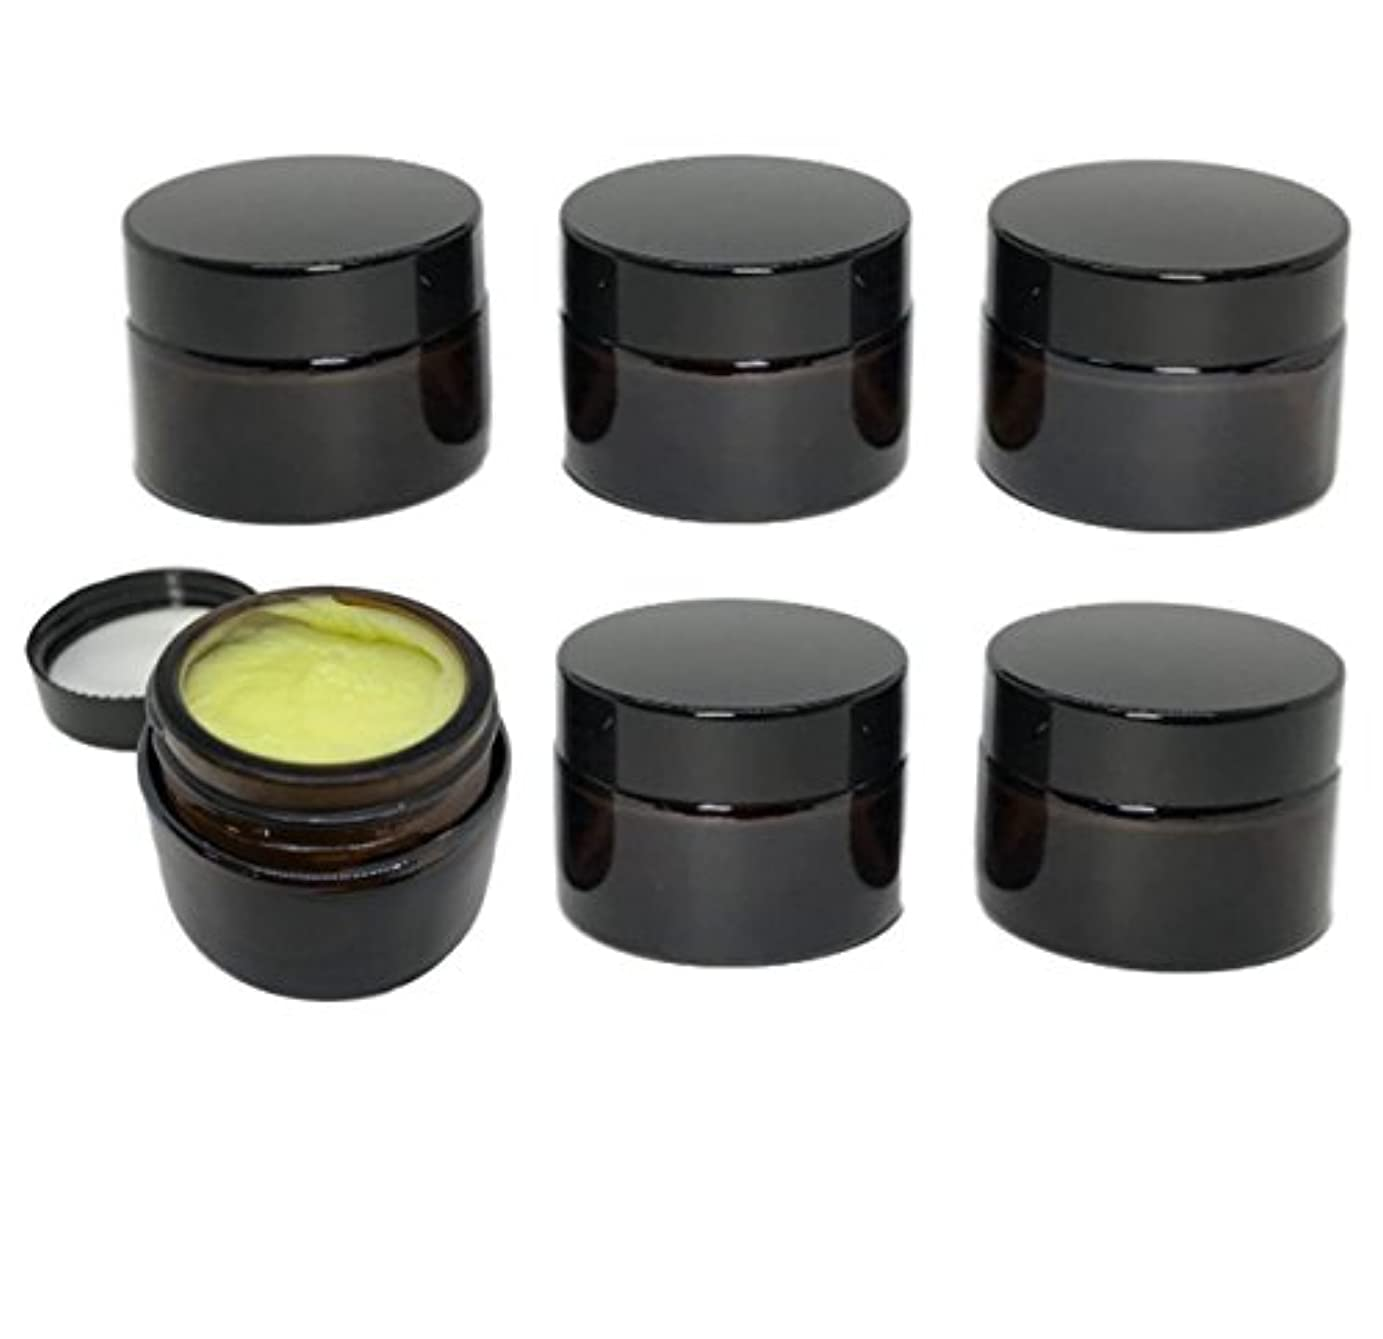 性差別適度にシャンプーrer ハンドクリーム 詰替え 容器 遮光瓶 薬 ワセリン 入れ 6個 セット (アンバー)